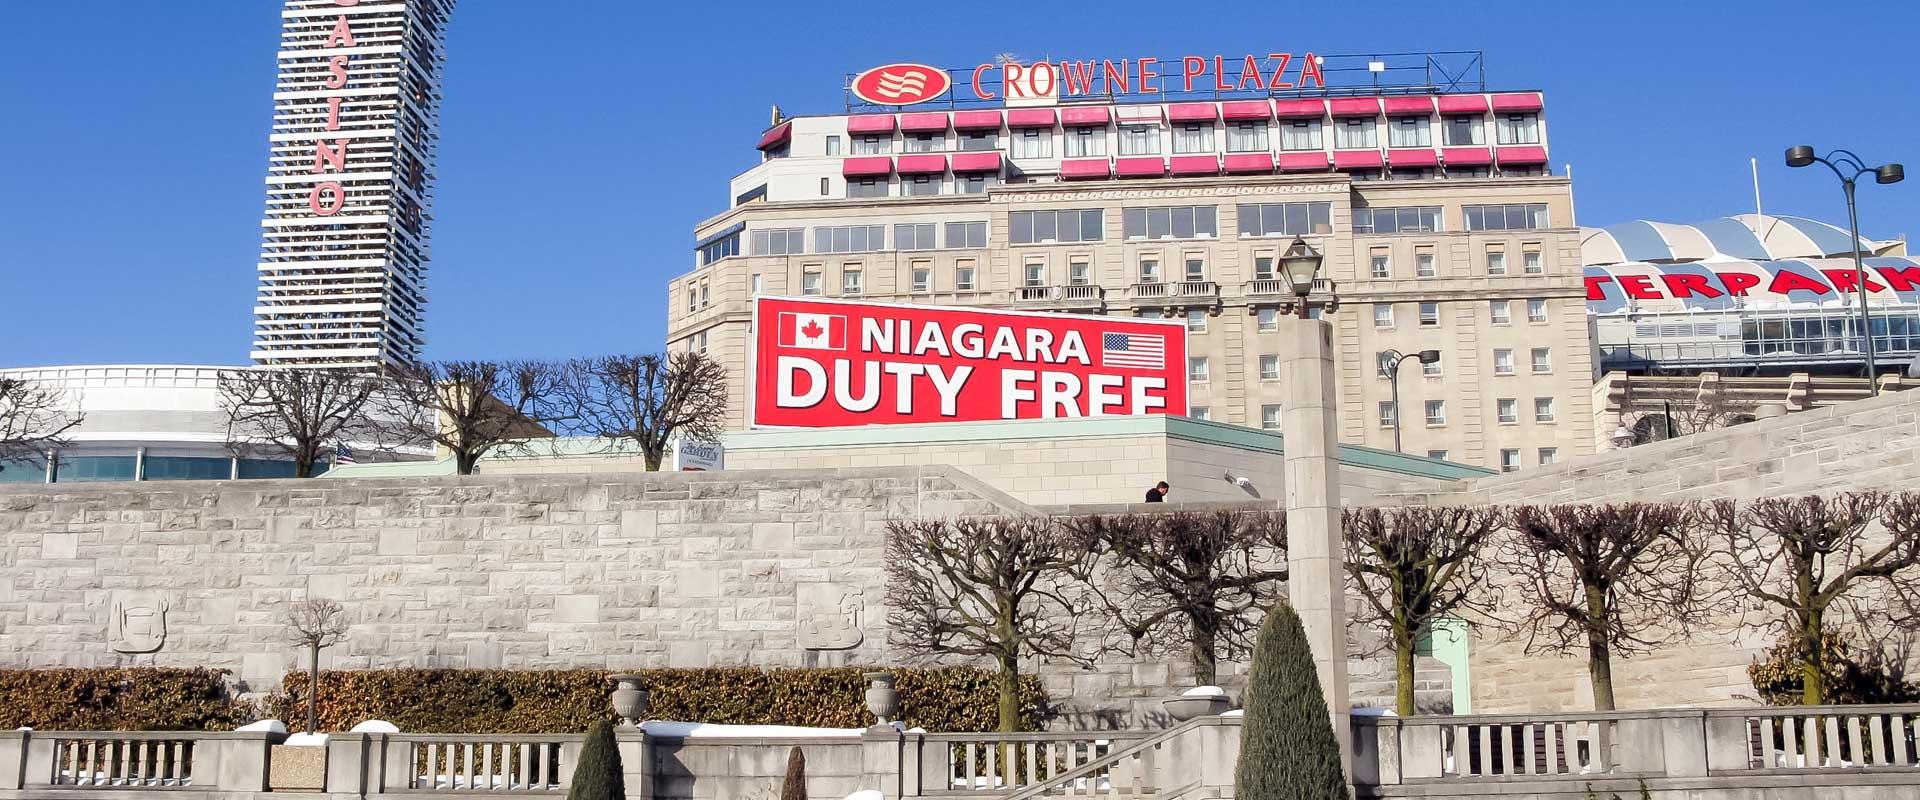 Niagara Duty Free